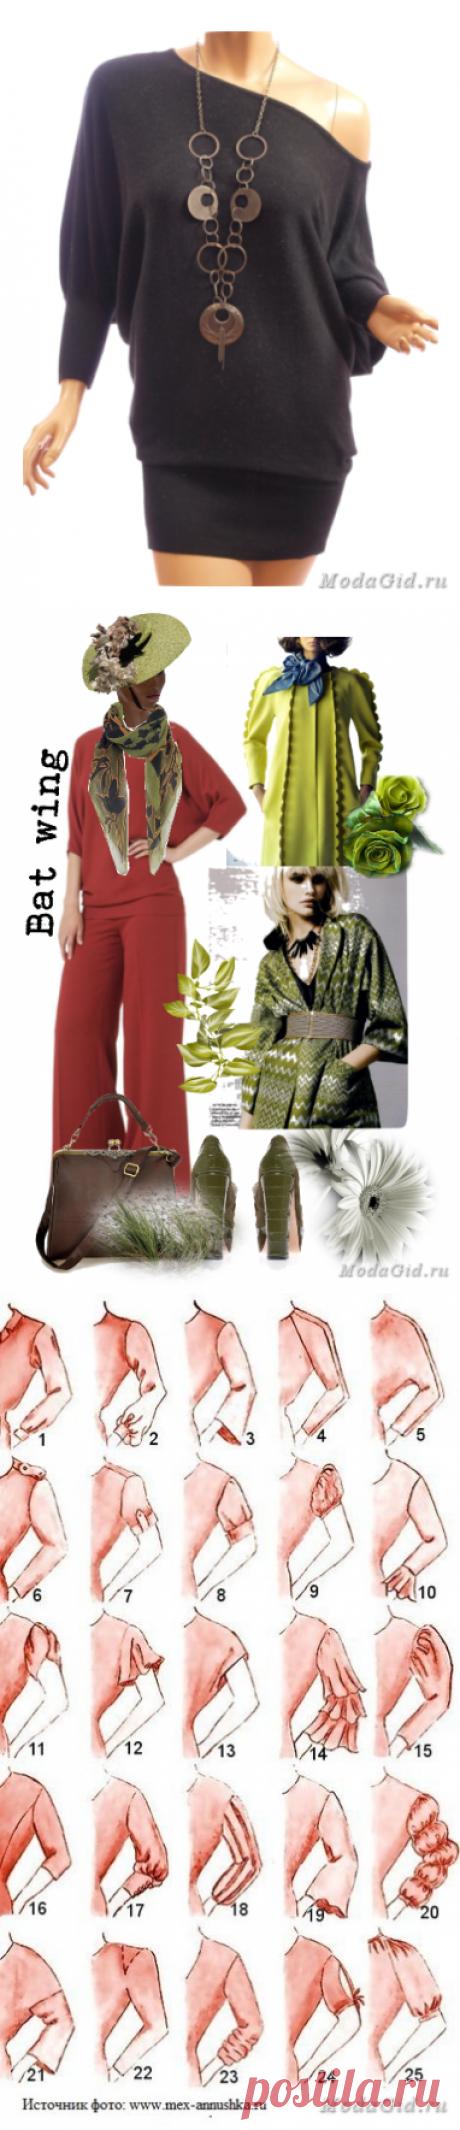 Мода и стиль: Стильная геометрия. Часть вторая: выбираем подходящий рукав